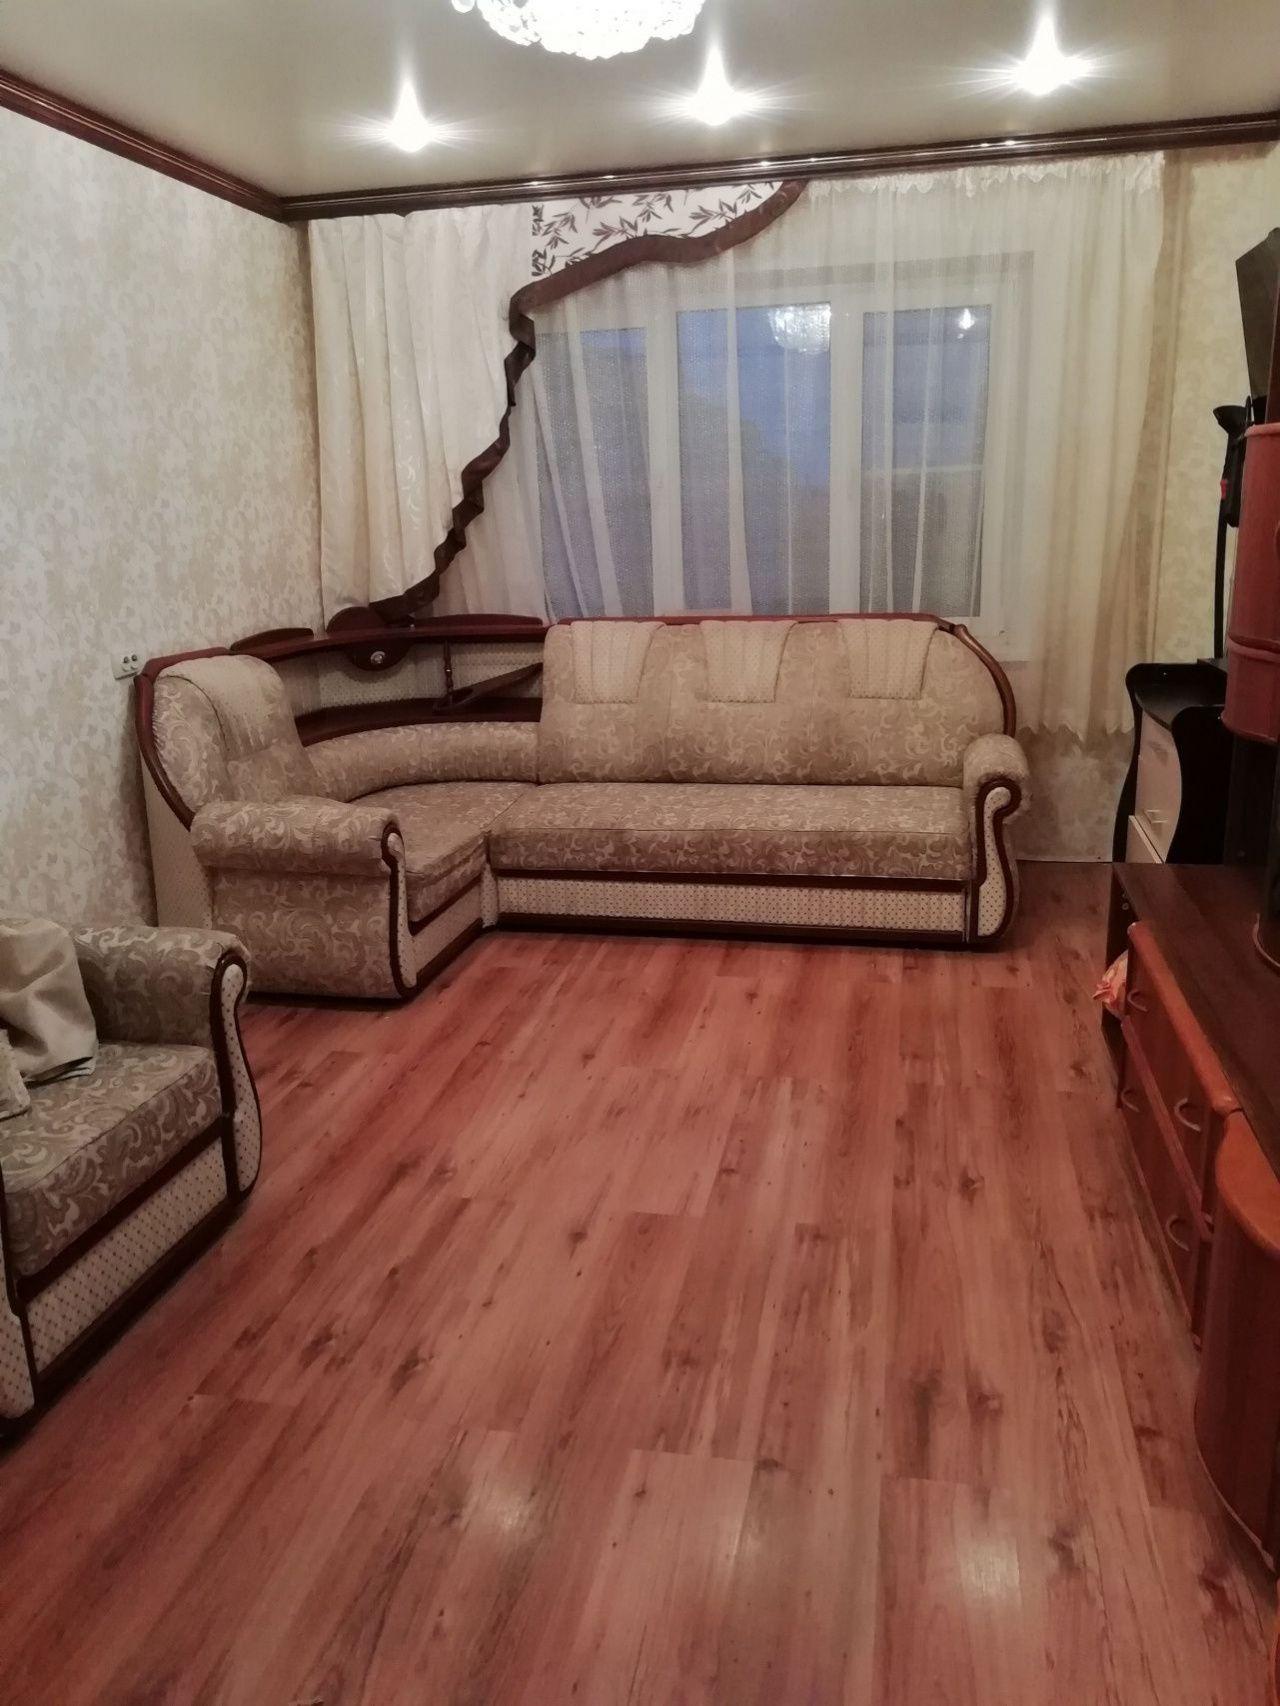 г. Владимир, Безыменского ул., 9д, 3-к. квартира на продажу